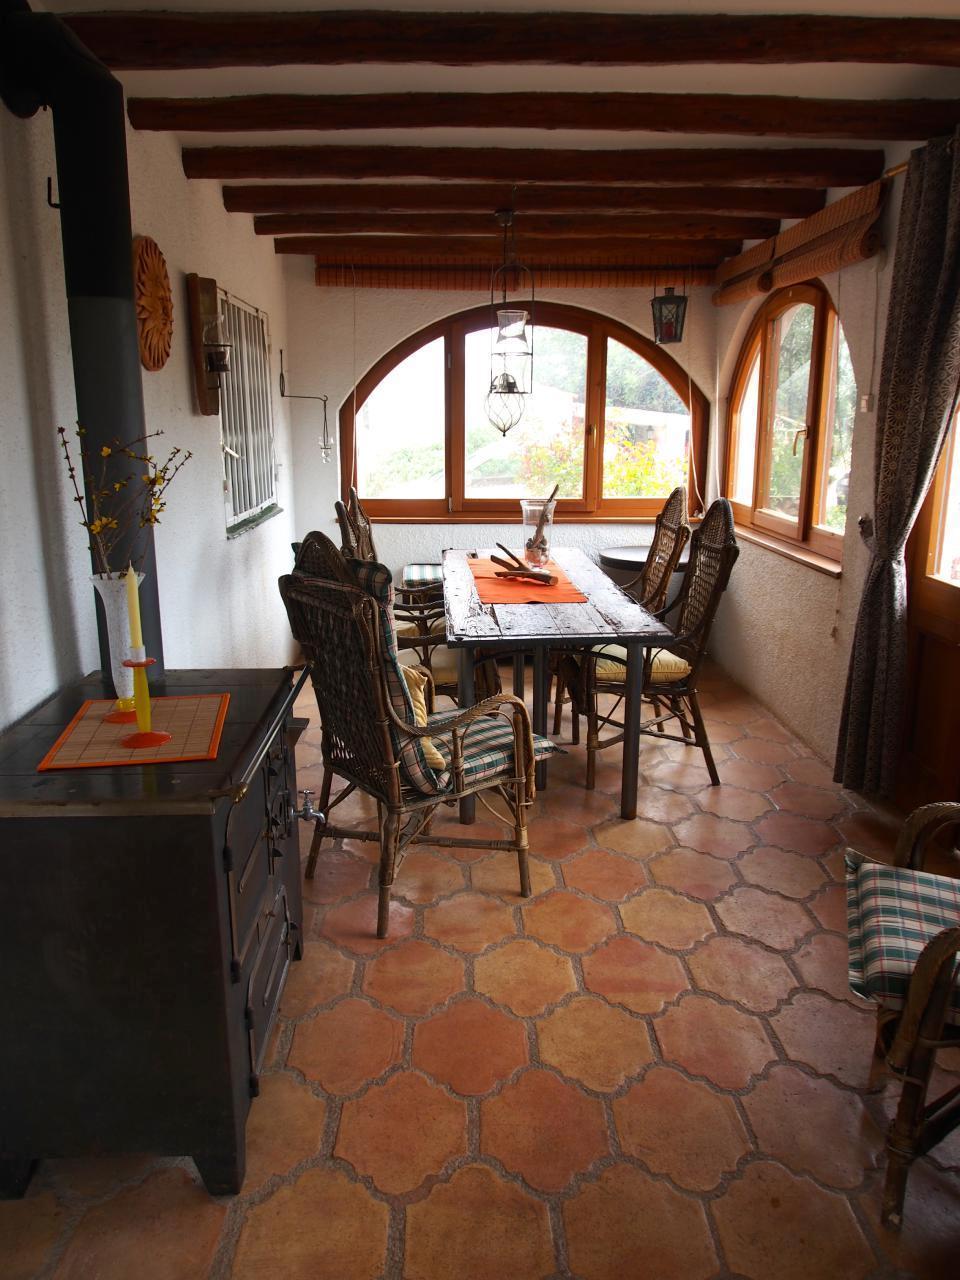 Ferienwohnung in charmantem Landgasthaus (1584575), L'Ametlla de Mar, Costa Dorada, Katalonien, Spanien, Bild 9